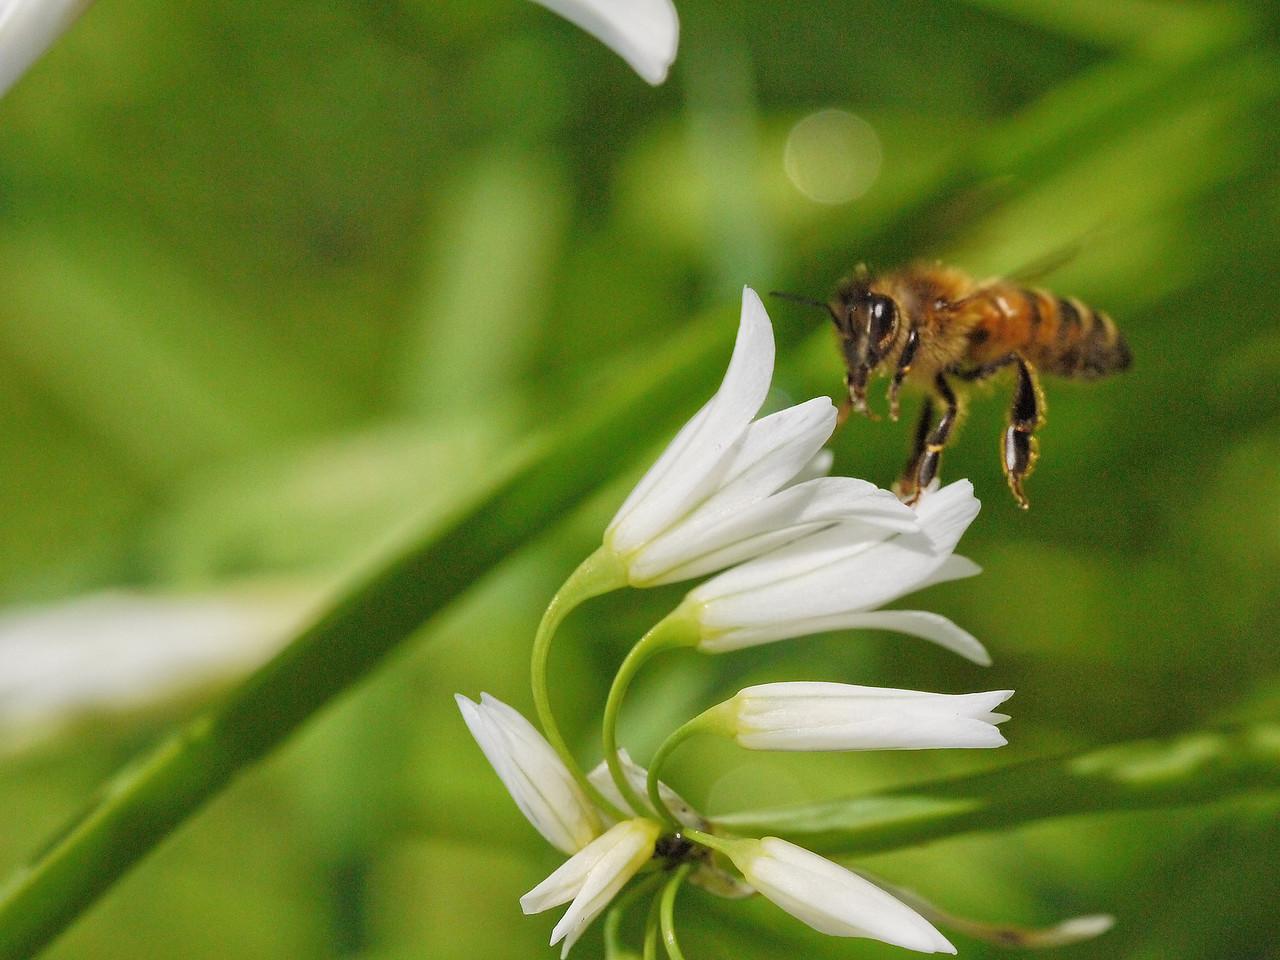 20130921_1045_0237 angled onion bee